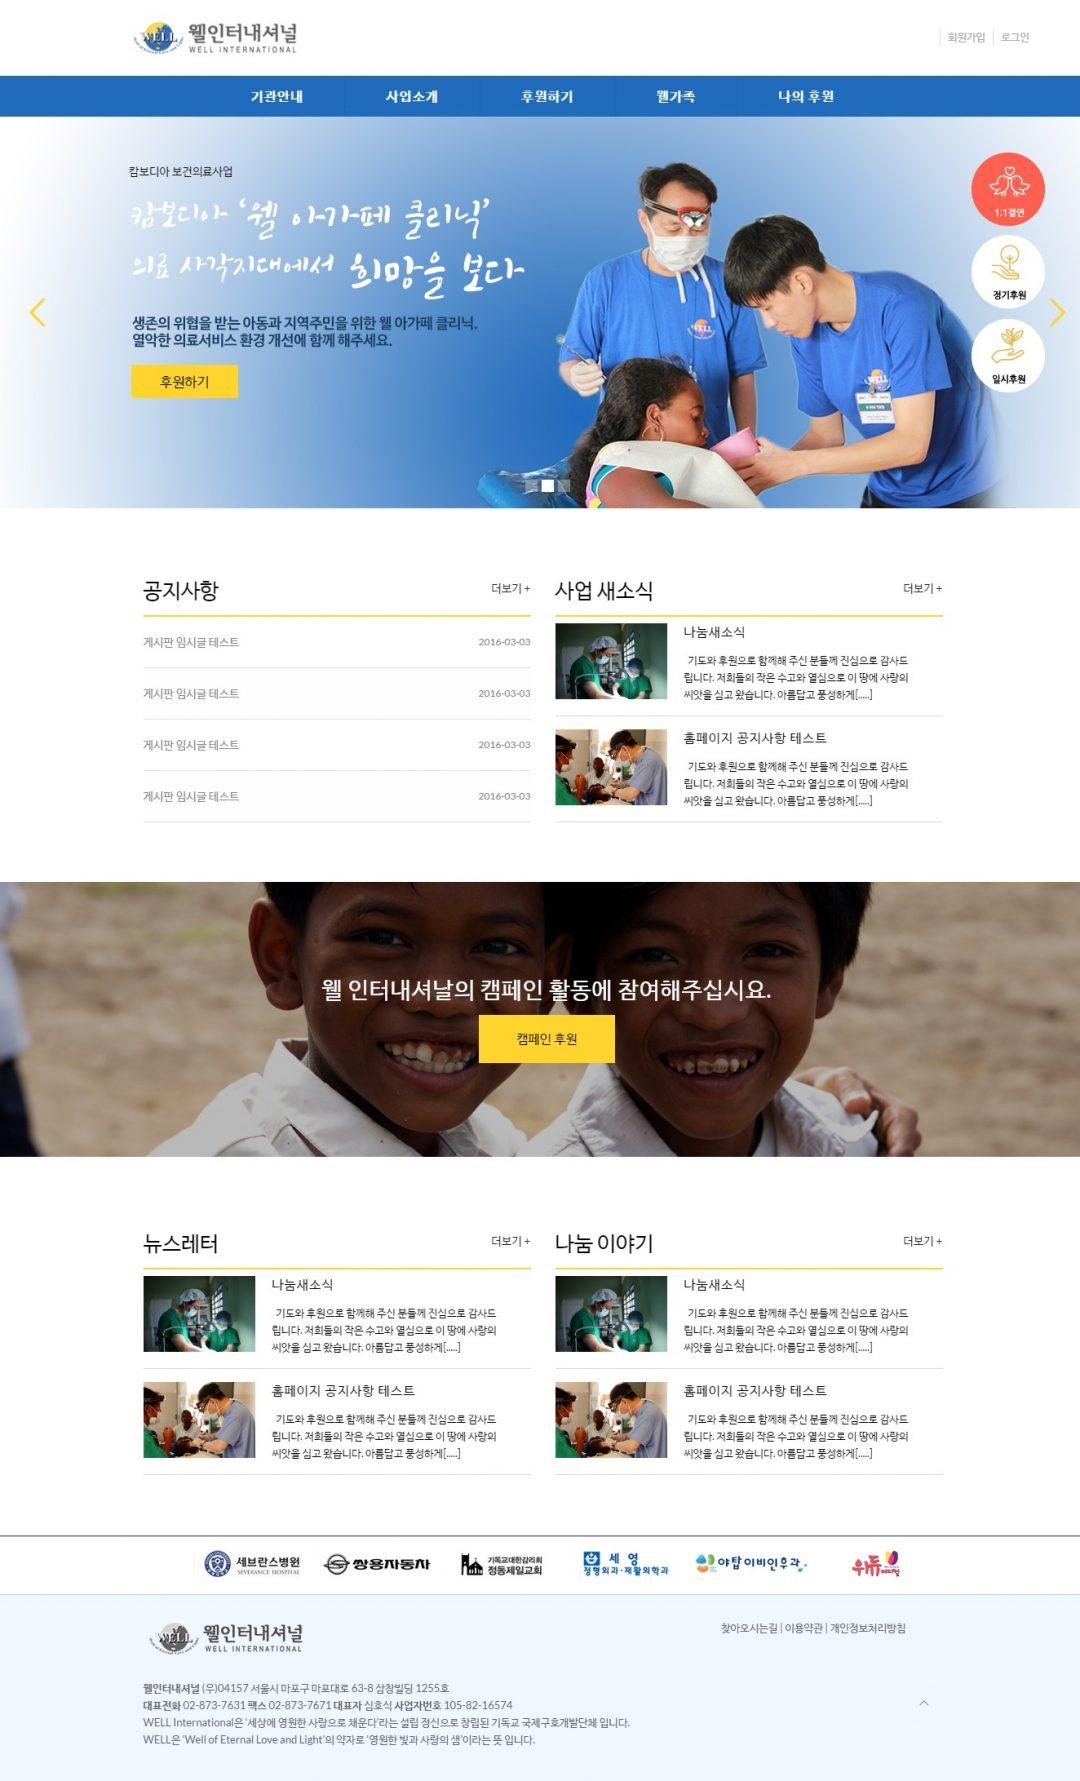 웰인터내셔널 홈페이지